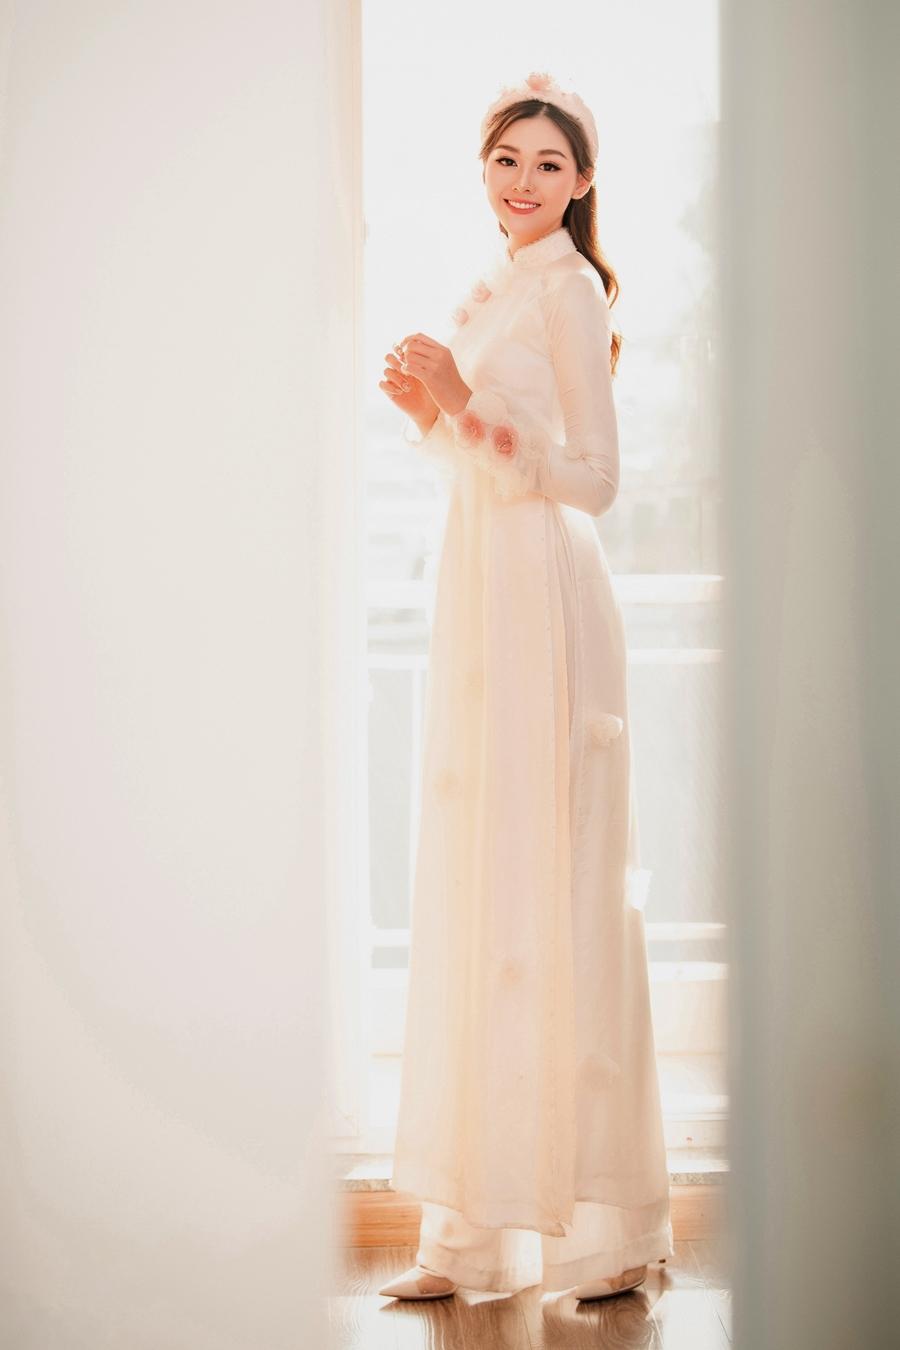 Tường San diện áo dài truyền thống trong lễ rước dâu tại nhà riêng. Ảnh: Sen Vàng.